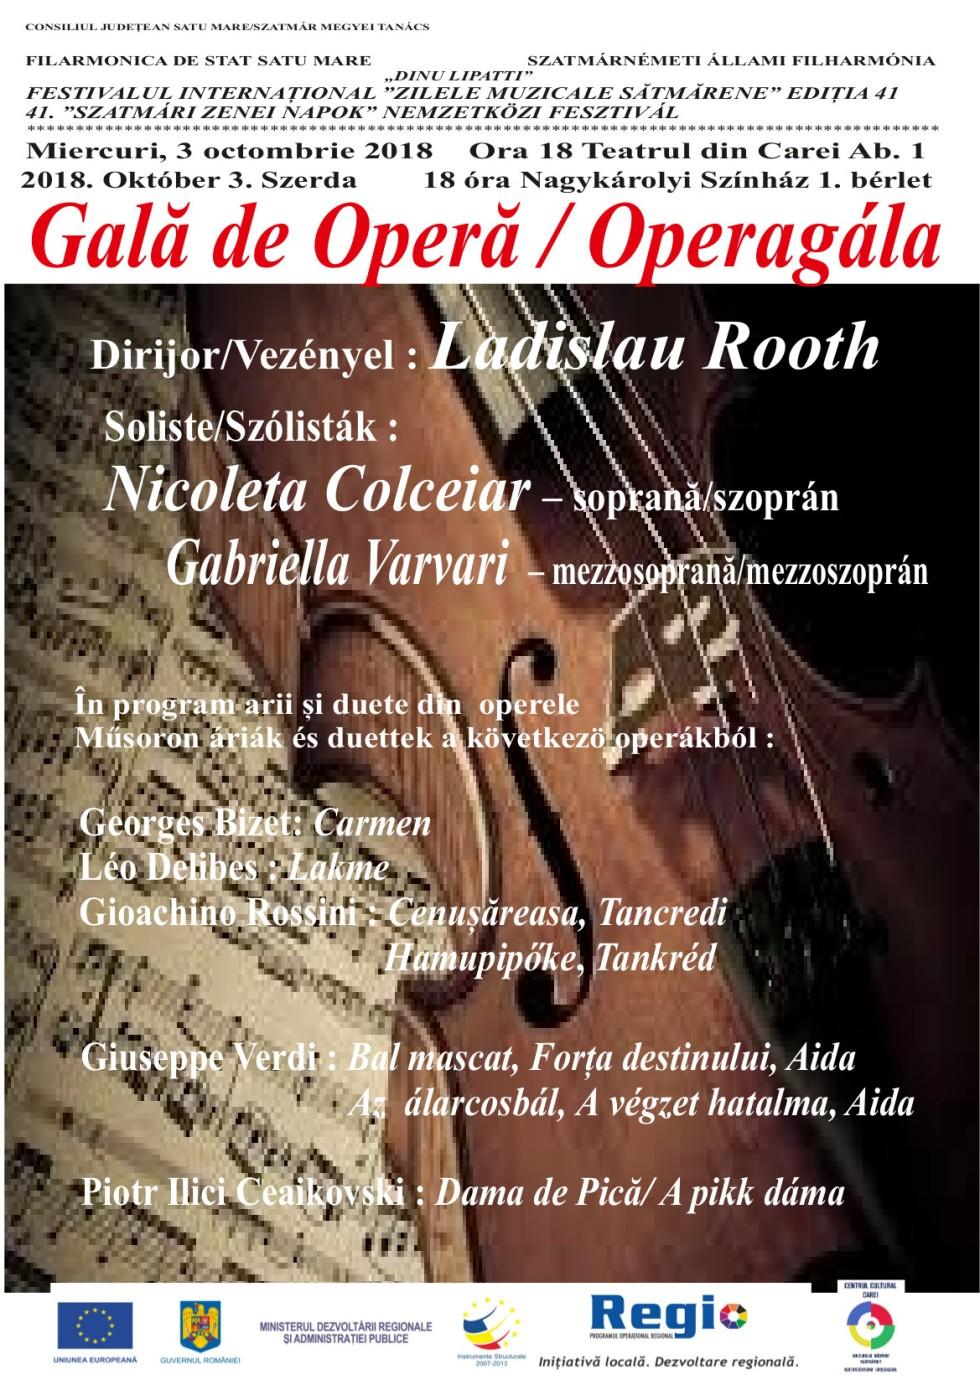 Rövidesen újra az operairodalom nagyjait szólaltatják meg szakavatott módon Nagykárolyban. A városi színházban a 98 esztendős Rooth László vezetésével a szatmárnémeti filharmónia zenekara ad koncertet.